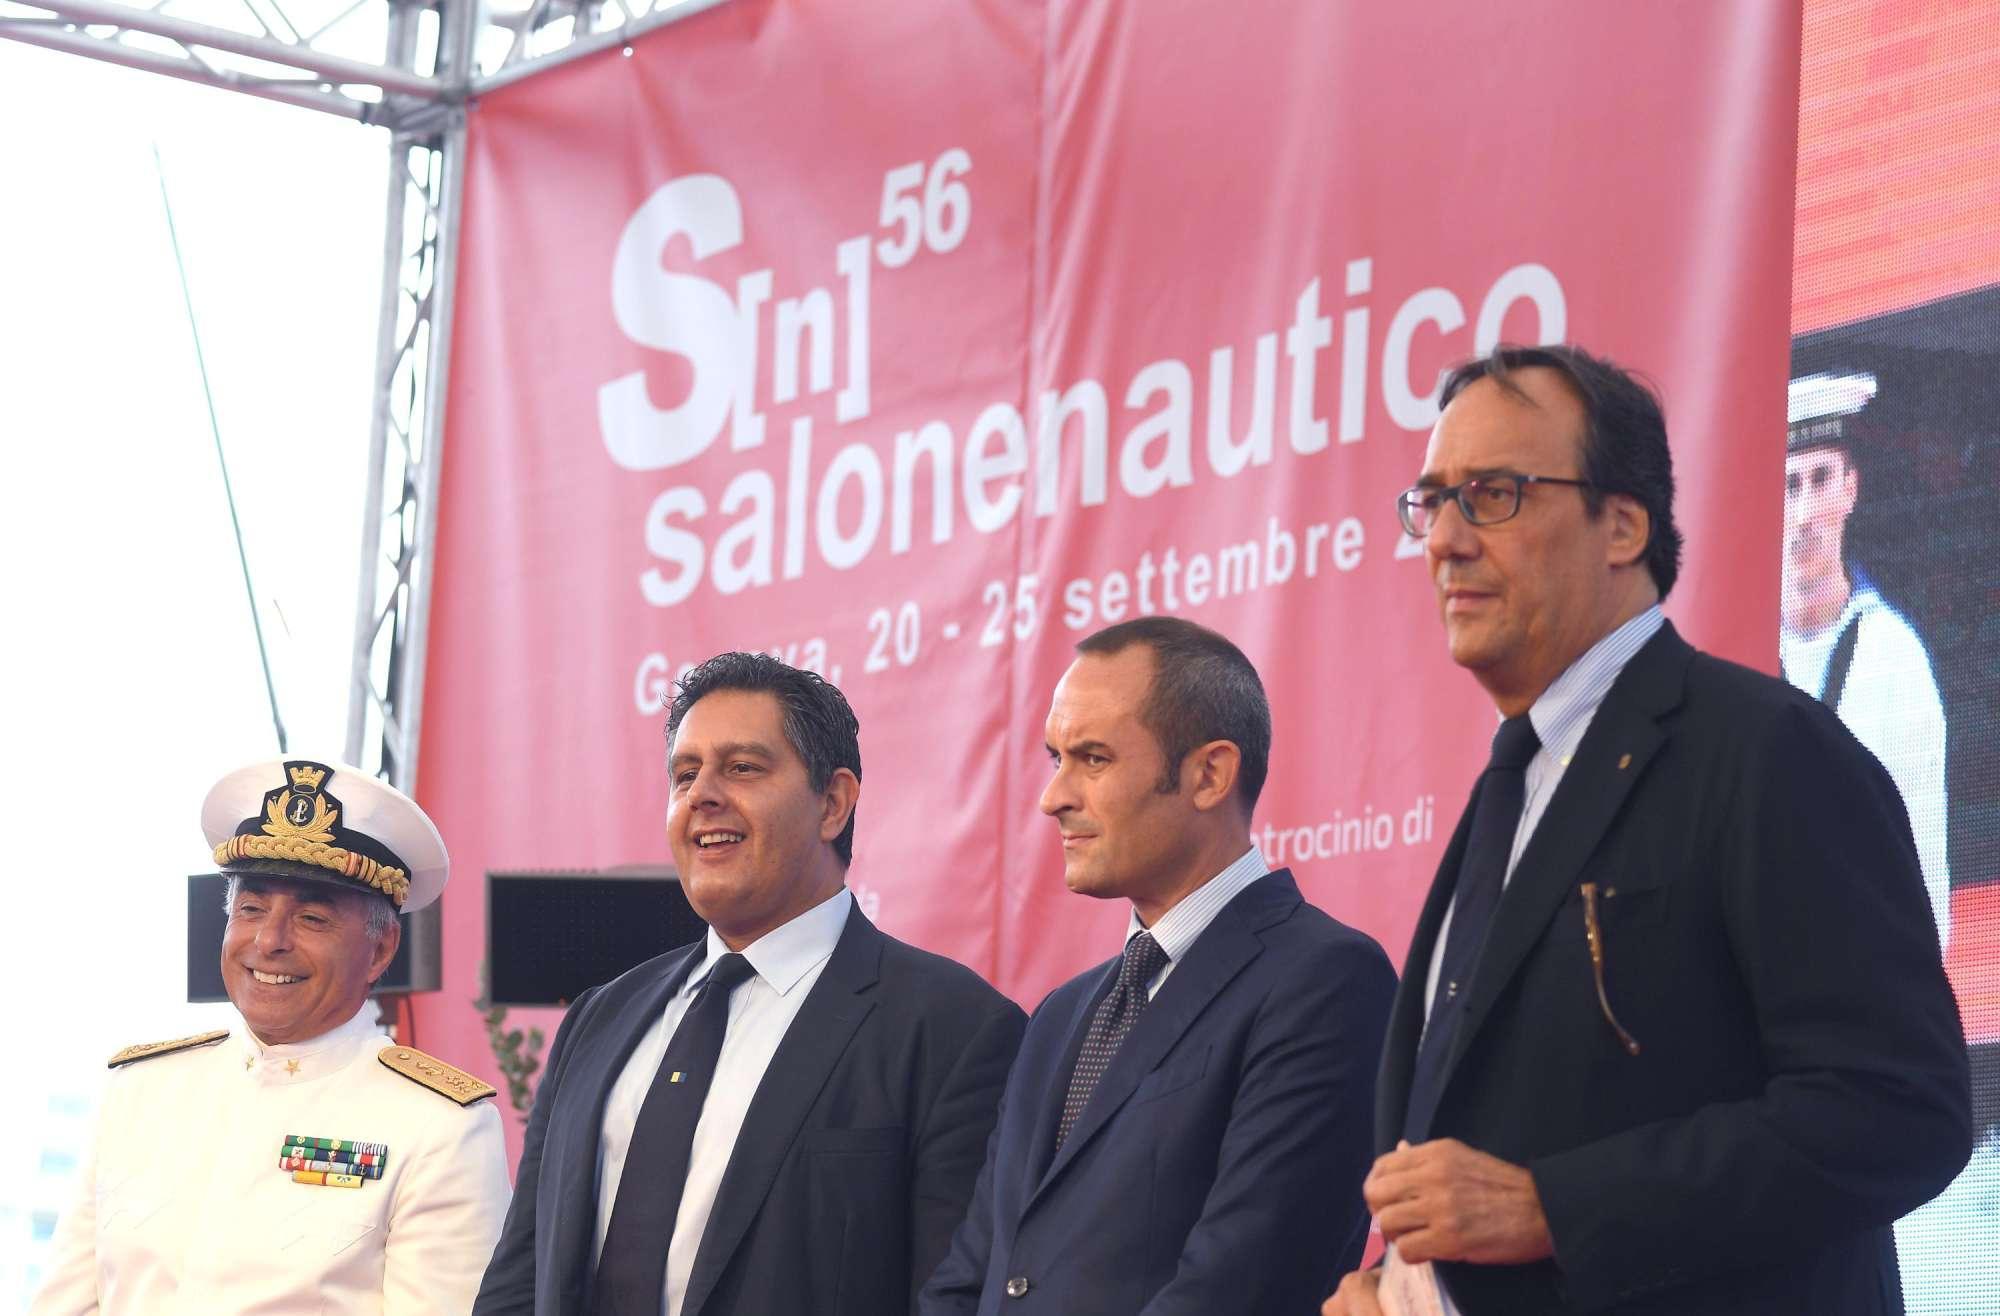 Al via la 56esima edizione del Salone Nautico di Genova: il mare torna protagonista